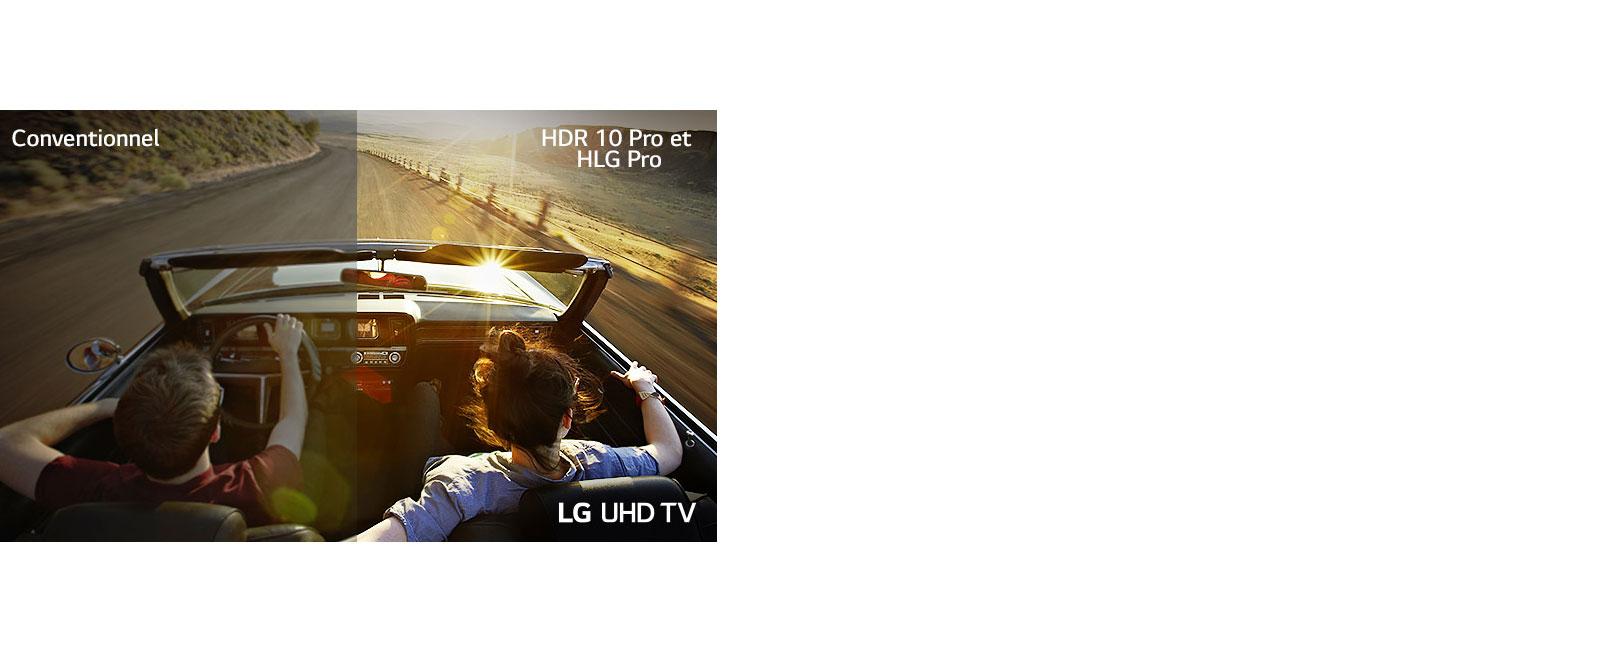 Un couple au volant d'un véhicule roulant sur une route. Une moitié de l'image est affichée sur un écran classique avec une mauvaise qualité d'image. L'autre moitié est affichée sur le téléviseur UHD LG avec une qualité d'image nette et vive.